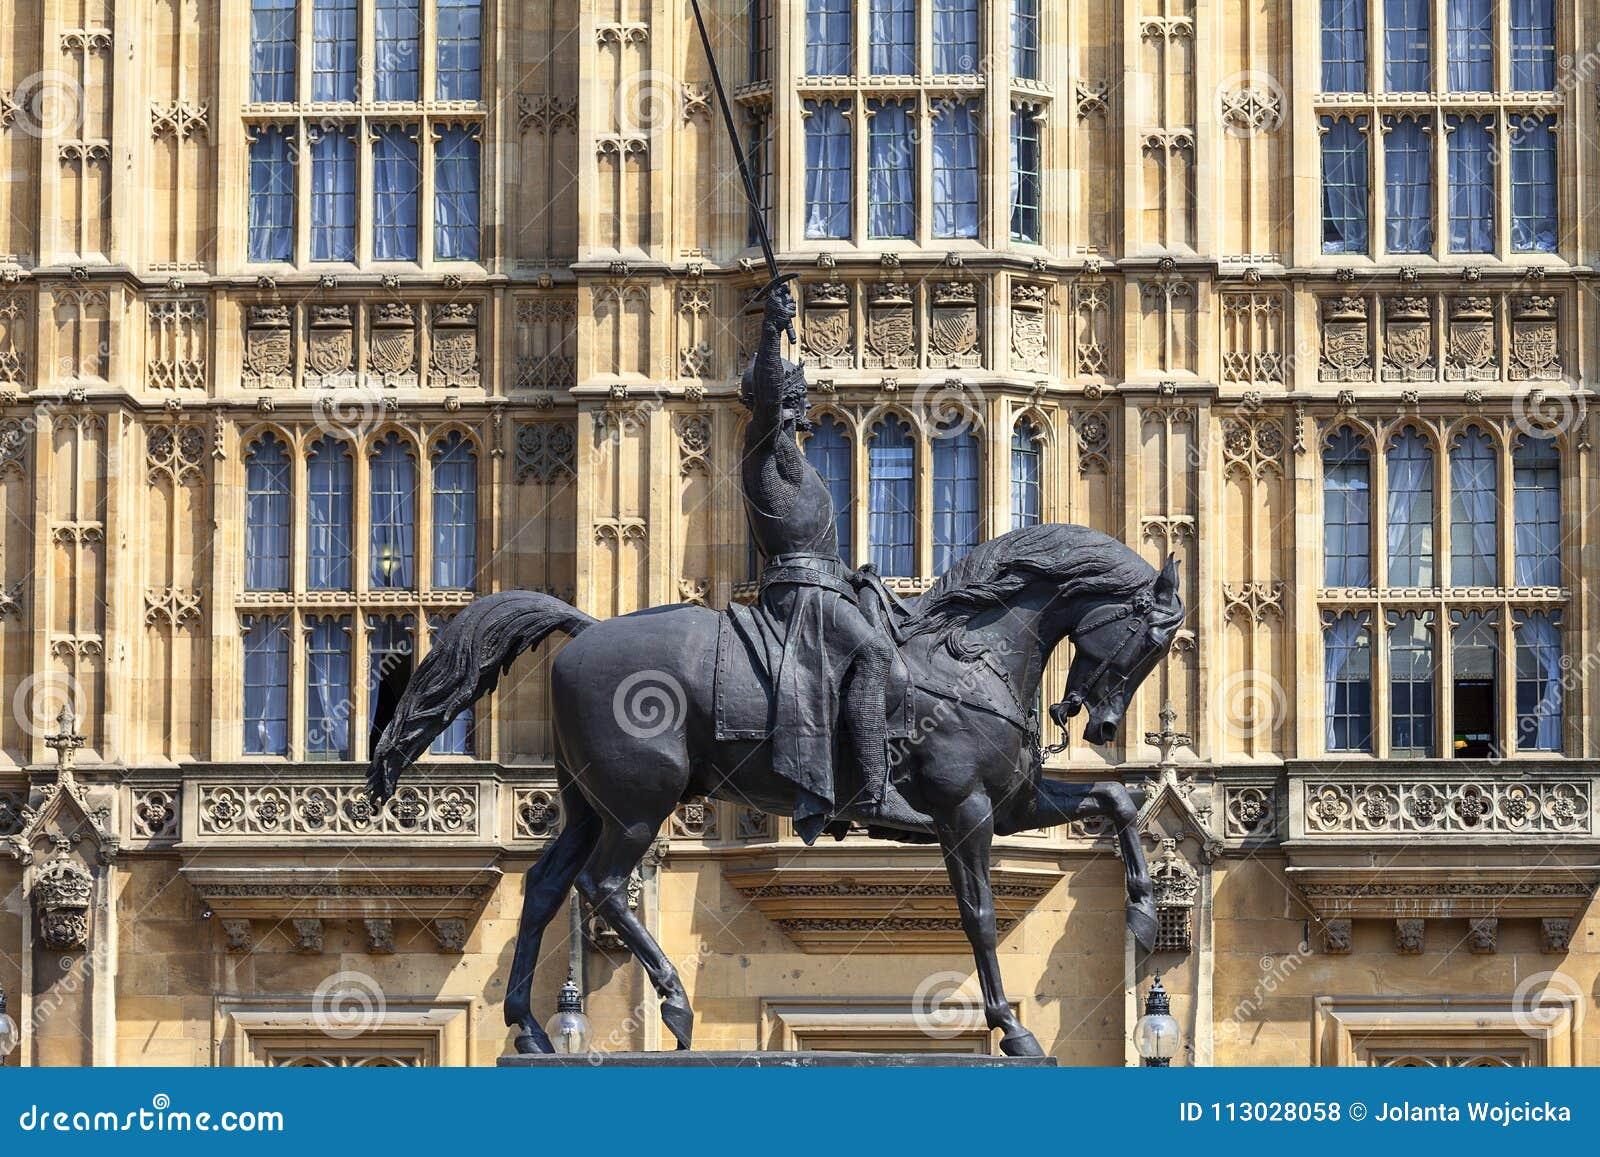 Monumento a rey Richard I Lionheart en el caballo, palacio de Westminster, el parlamento, Londres, Reino Unido